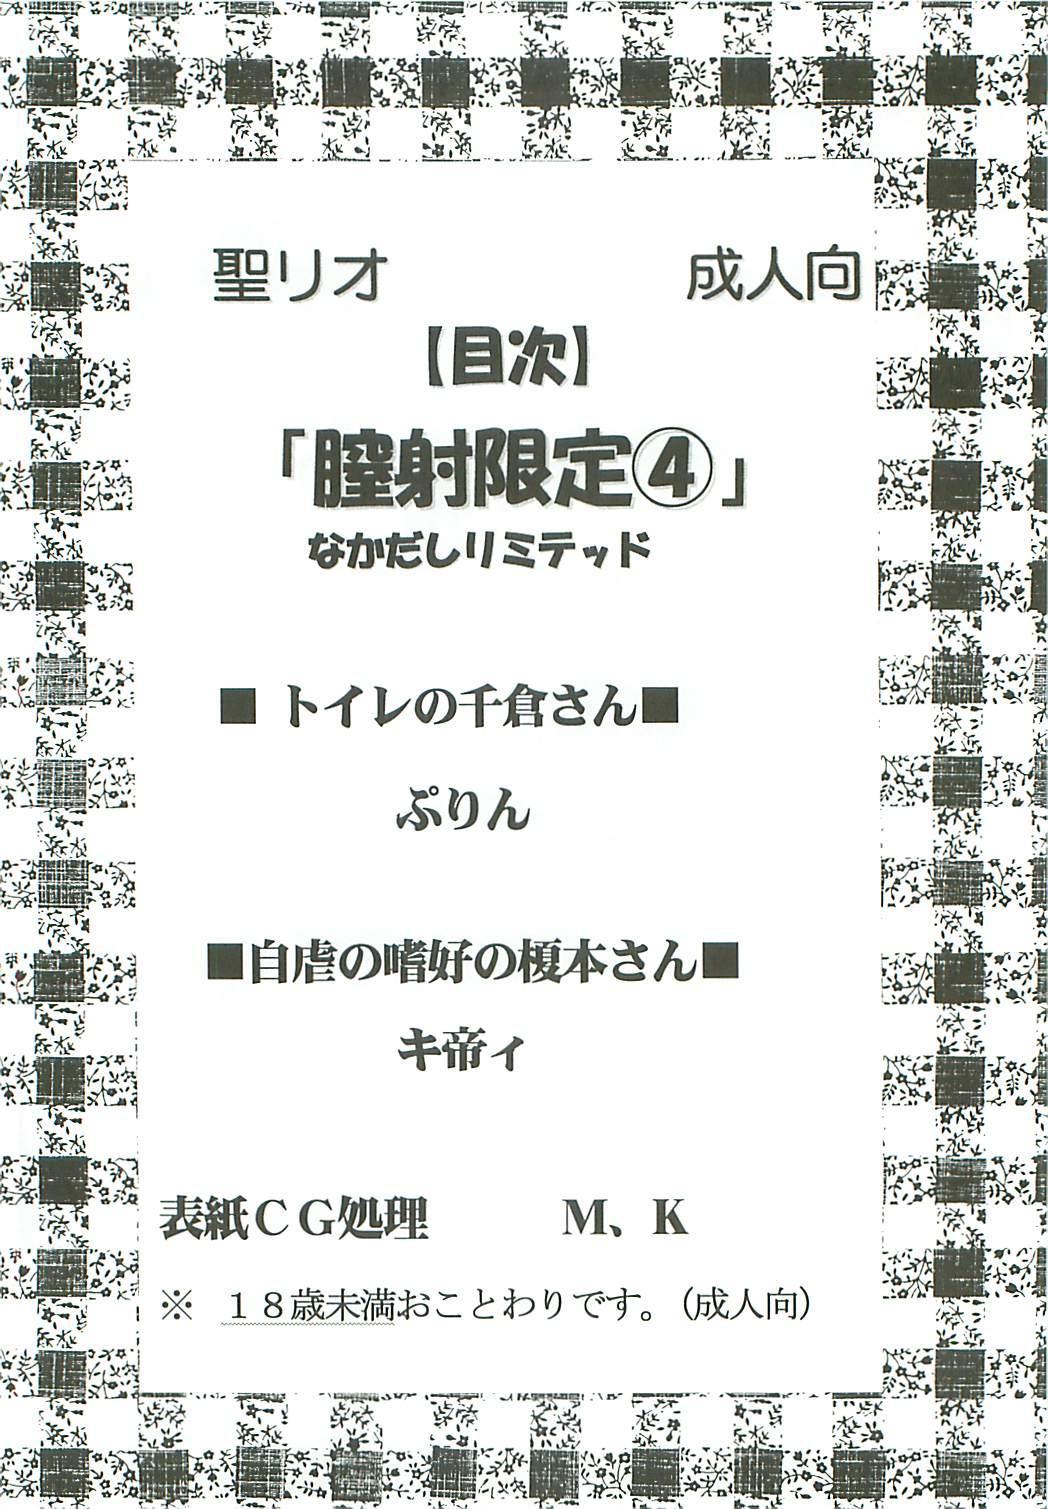 Chitsui Gentei Nakadashi Limited vol.4 2